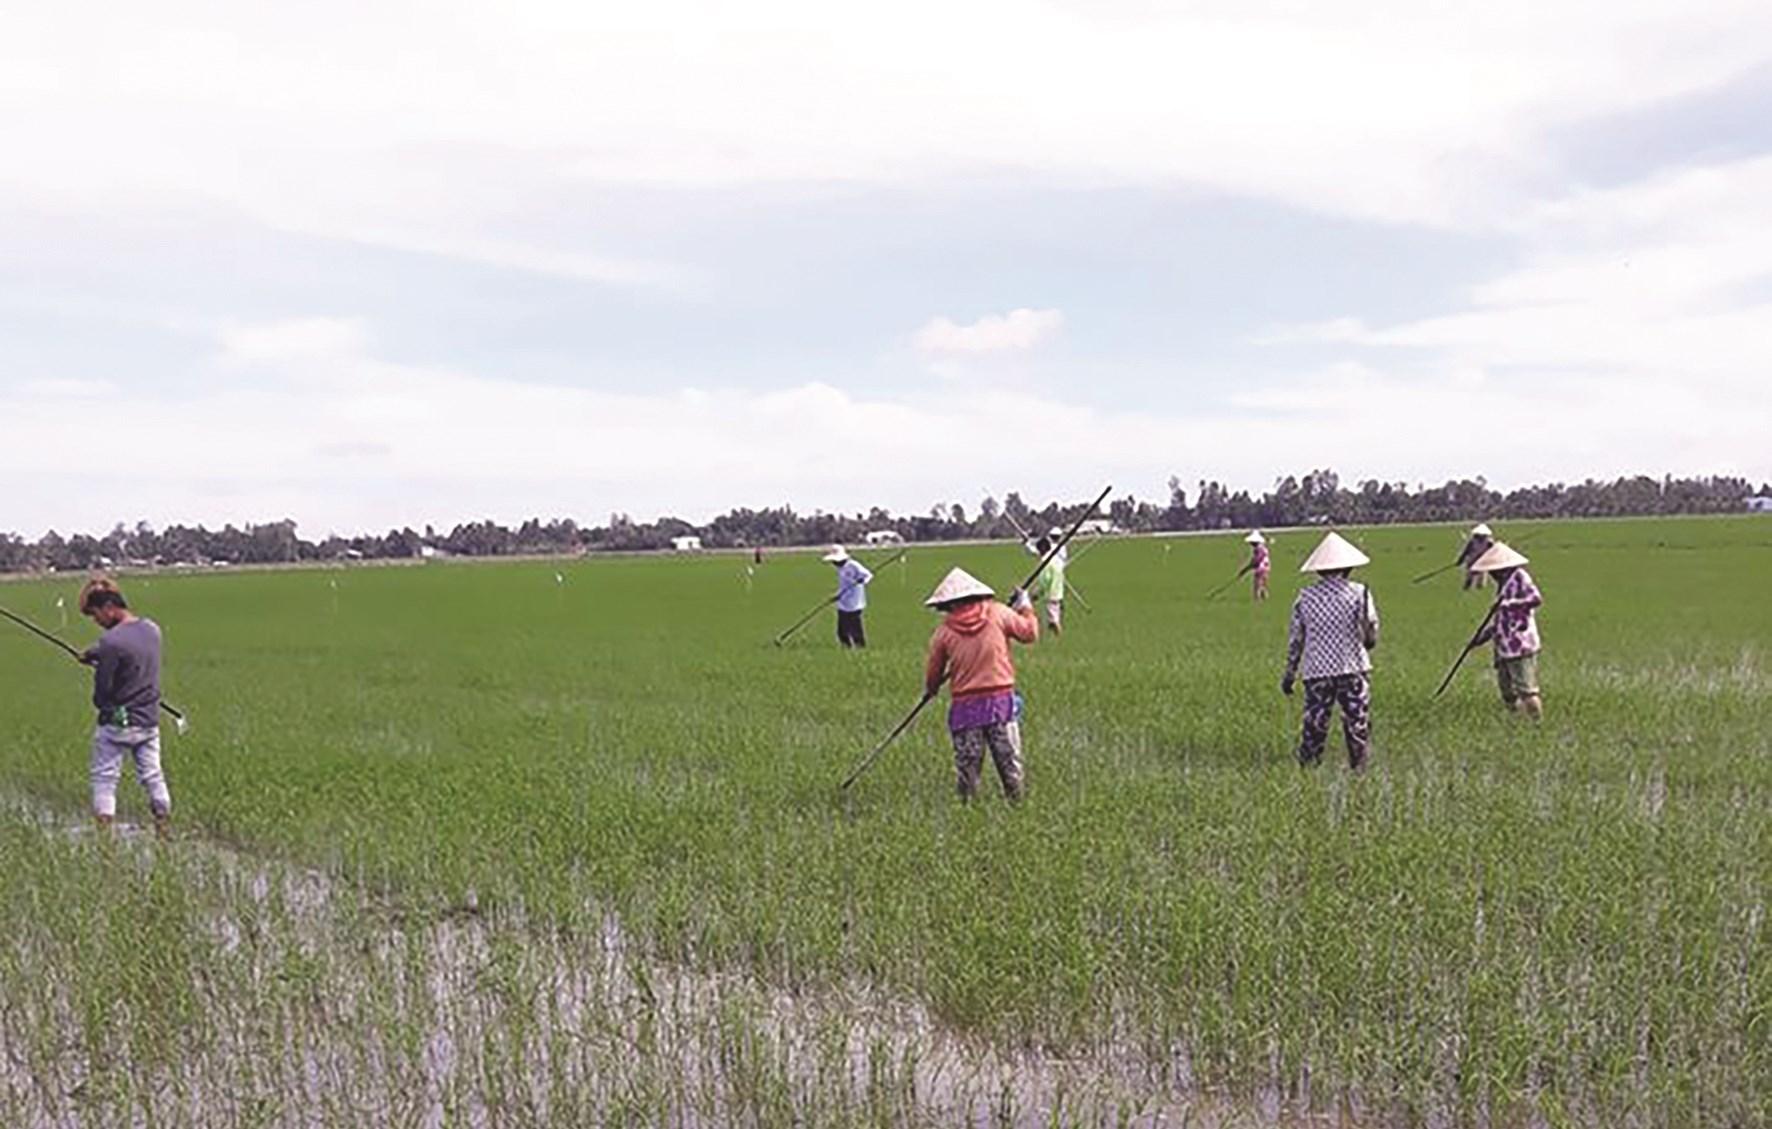 Người nông dân Vĩnh Phúc tích cực tham gia phong trào vì một nền nông nghiệp an toàn, bền vững; môi trường nông thôn xanh- sạch- đẹp